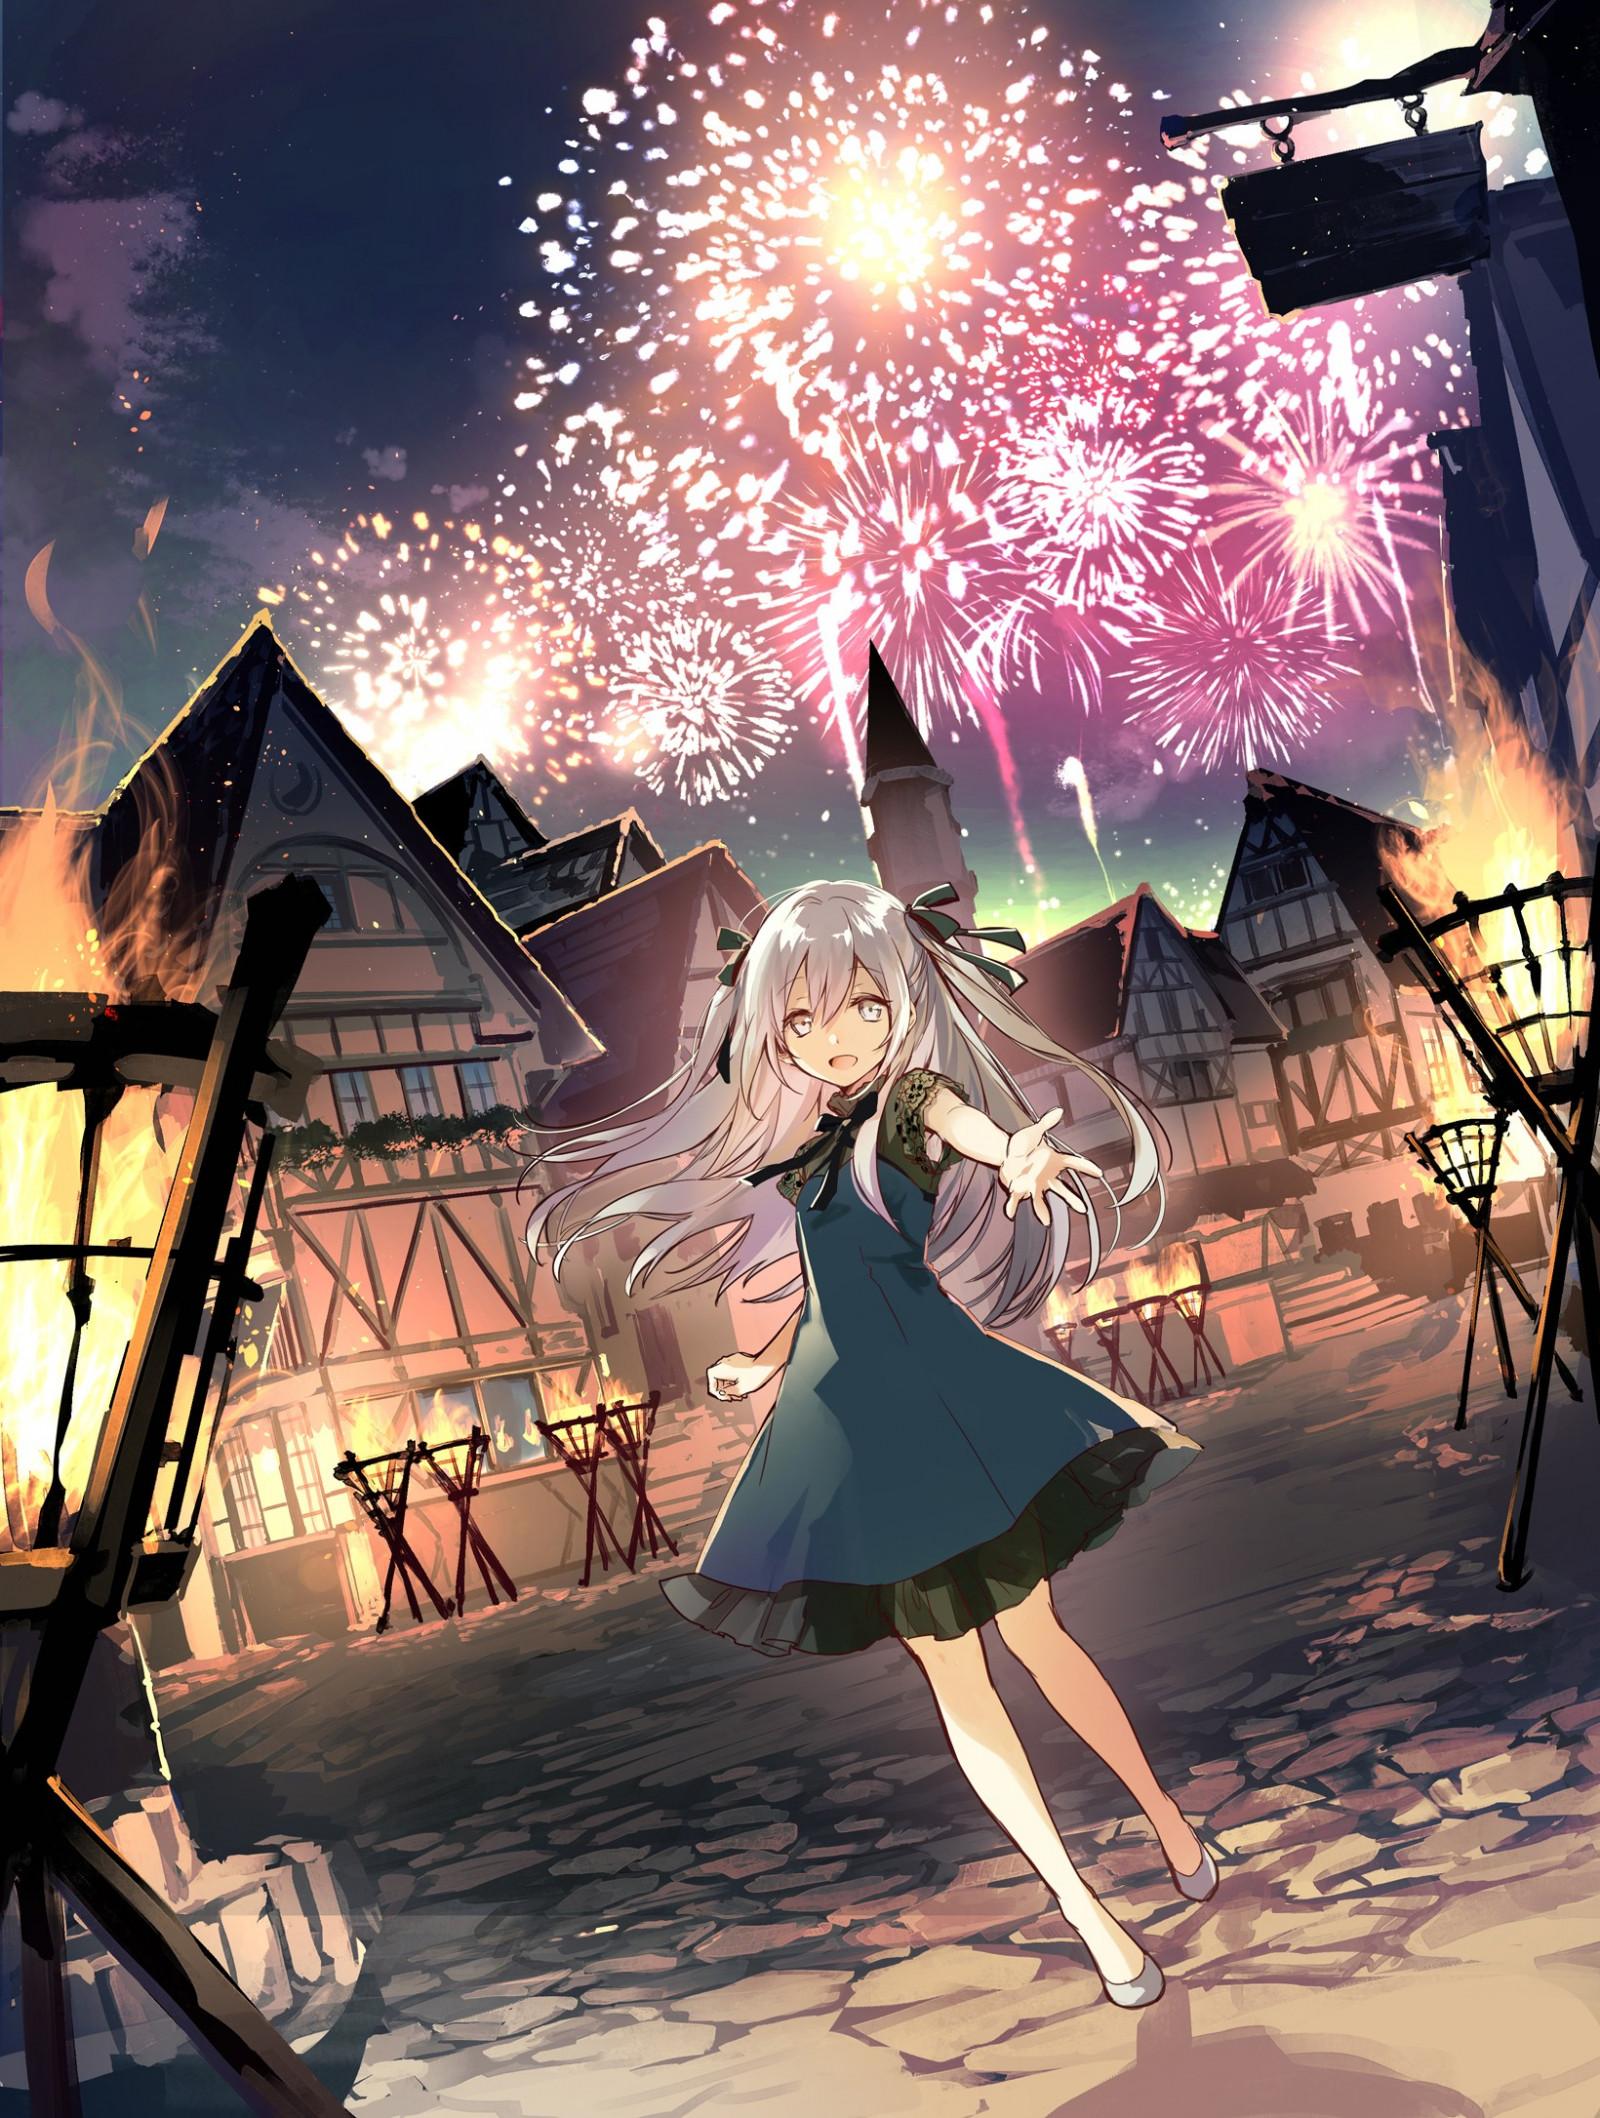 ilustración pelo largo Anime Chicas anime fuegos artificiales pelo canoso ojos grises pueblo ART captura de pantalla